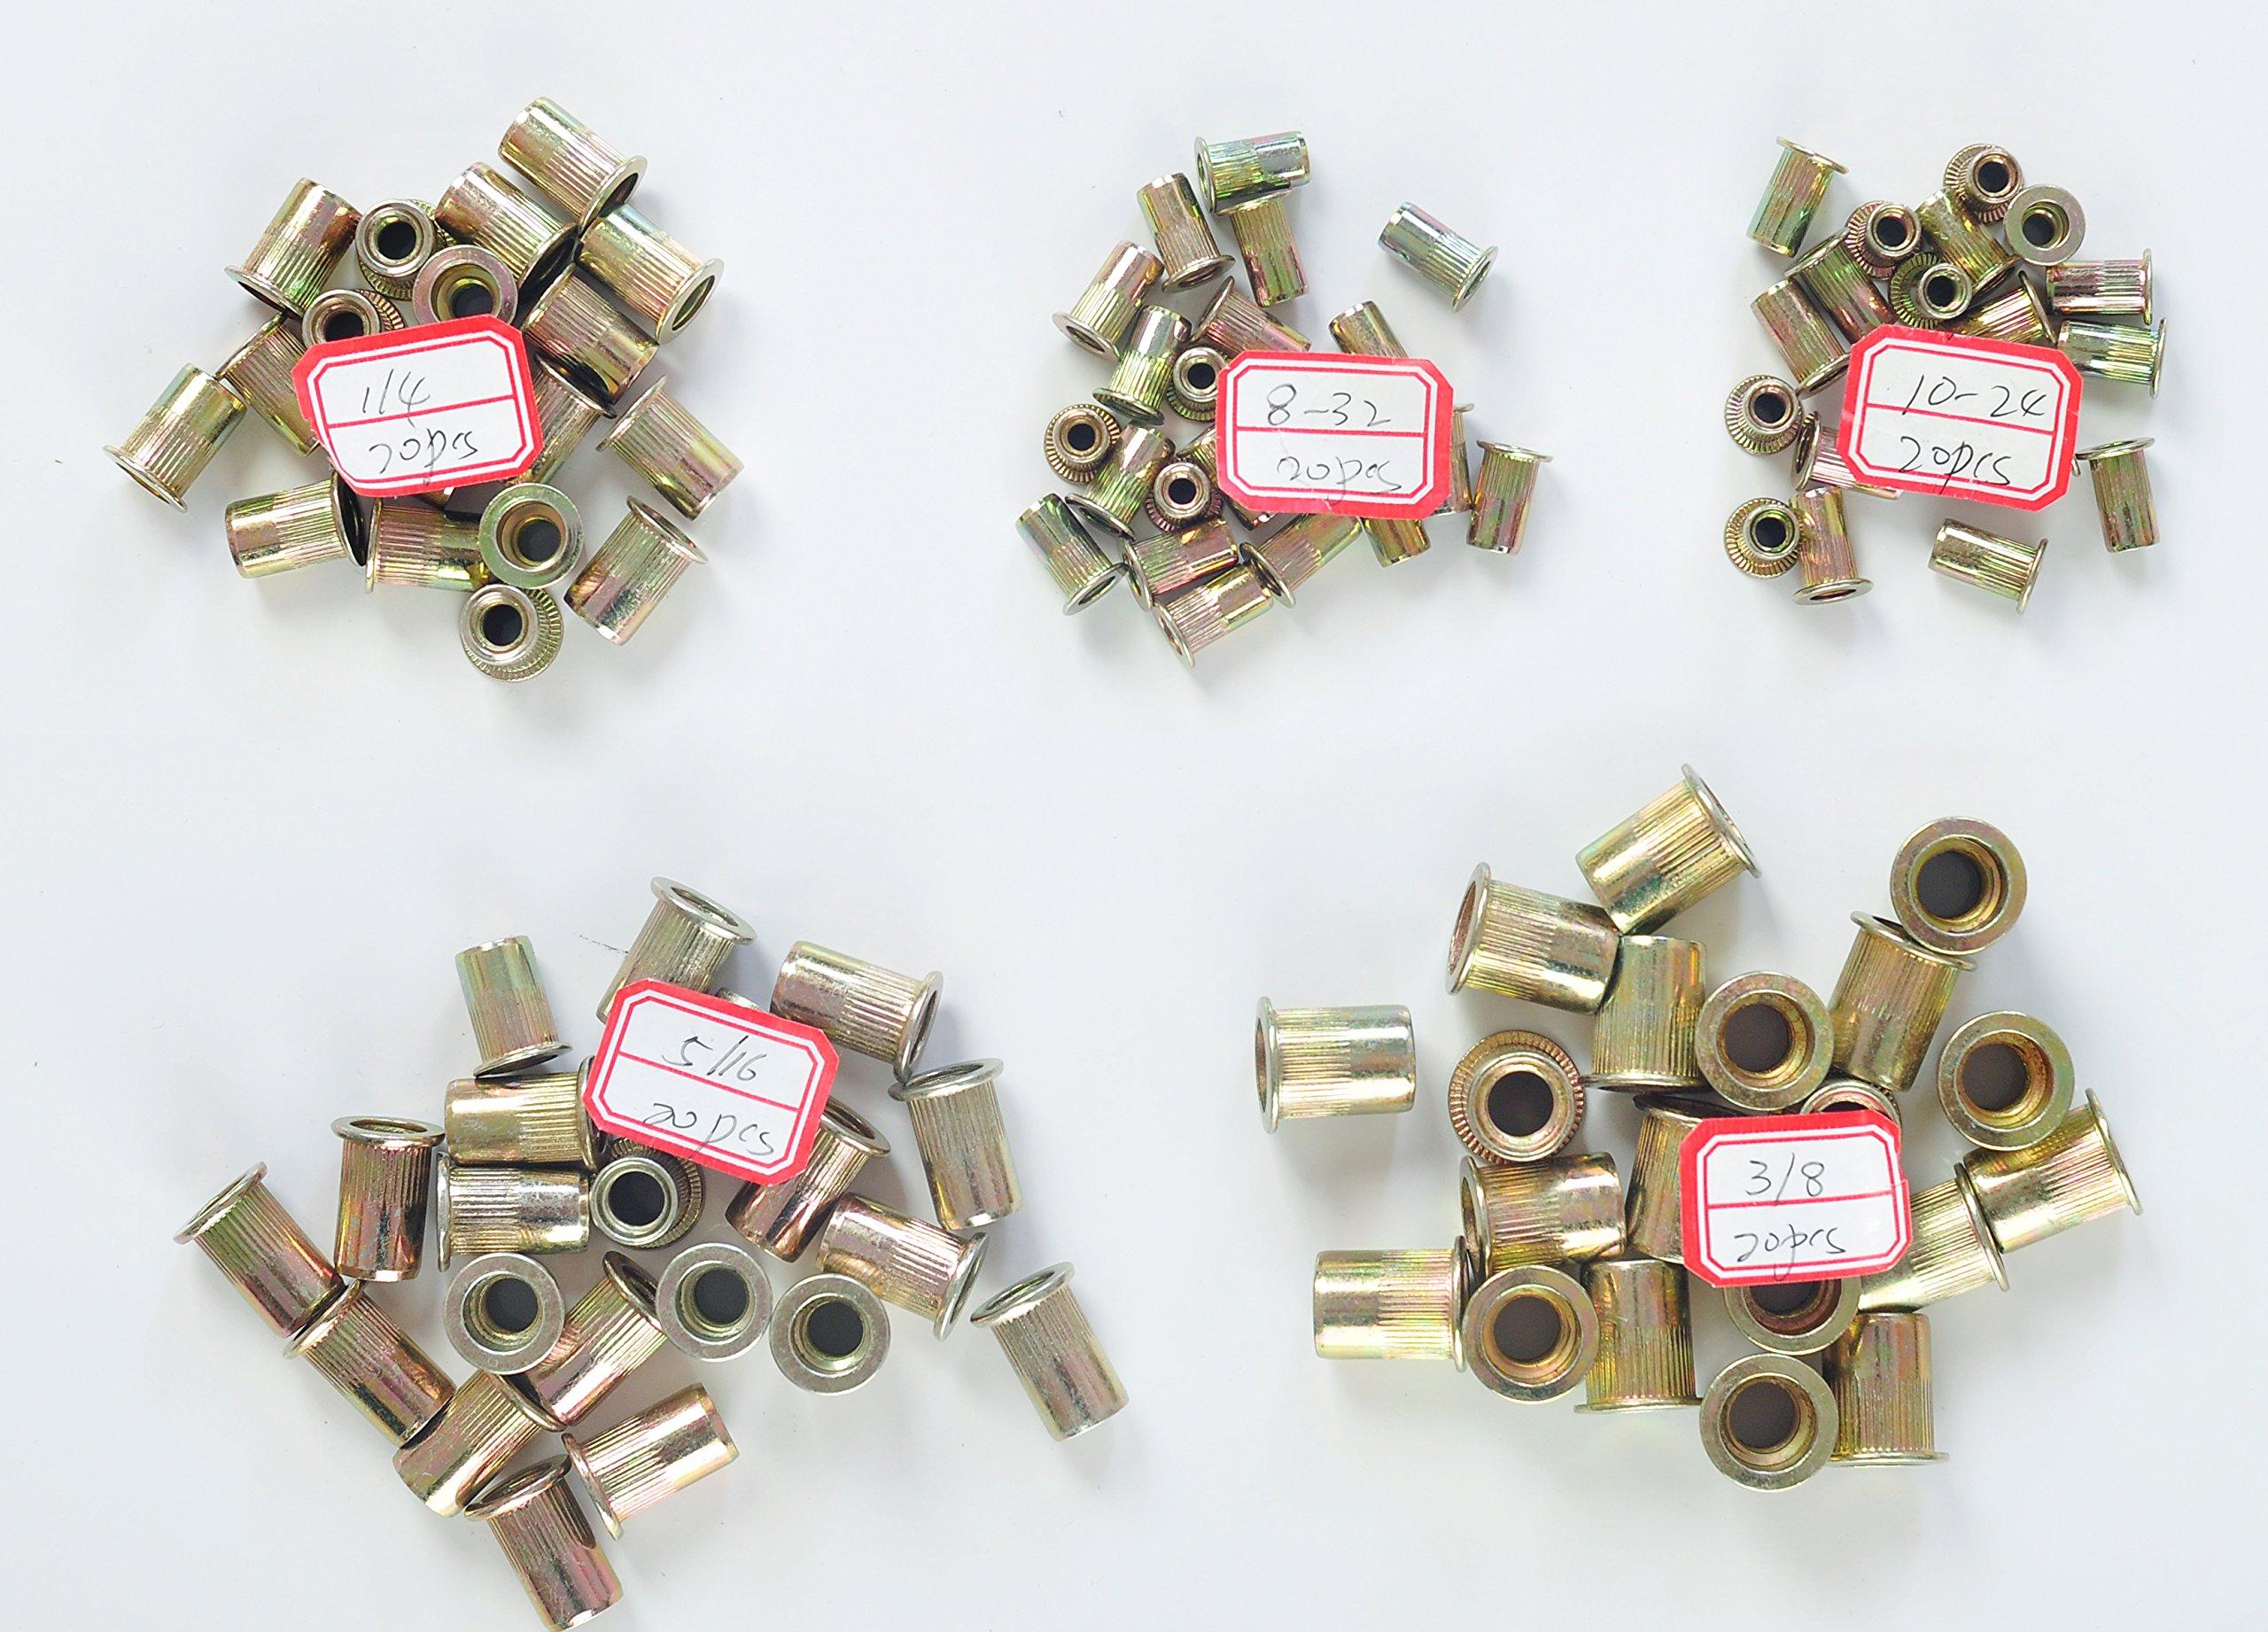 Q&R 100pcs Steel Rivet Nut  Insert Nutsert #8-32 #10-24 1/4-16 5/16-18 3/8-16 by RZX